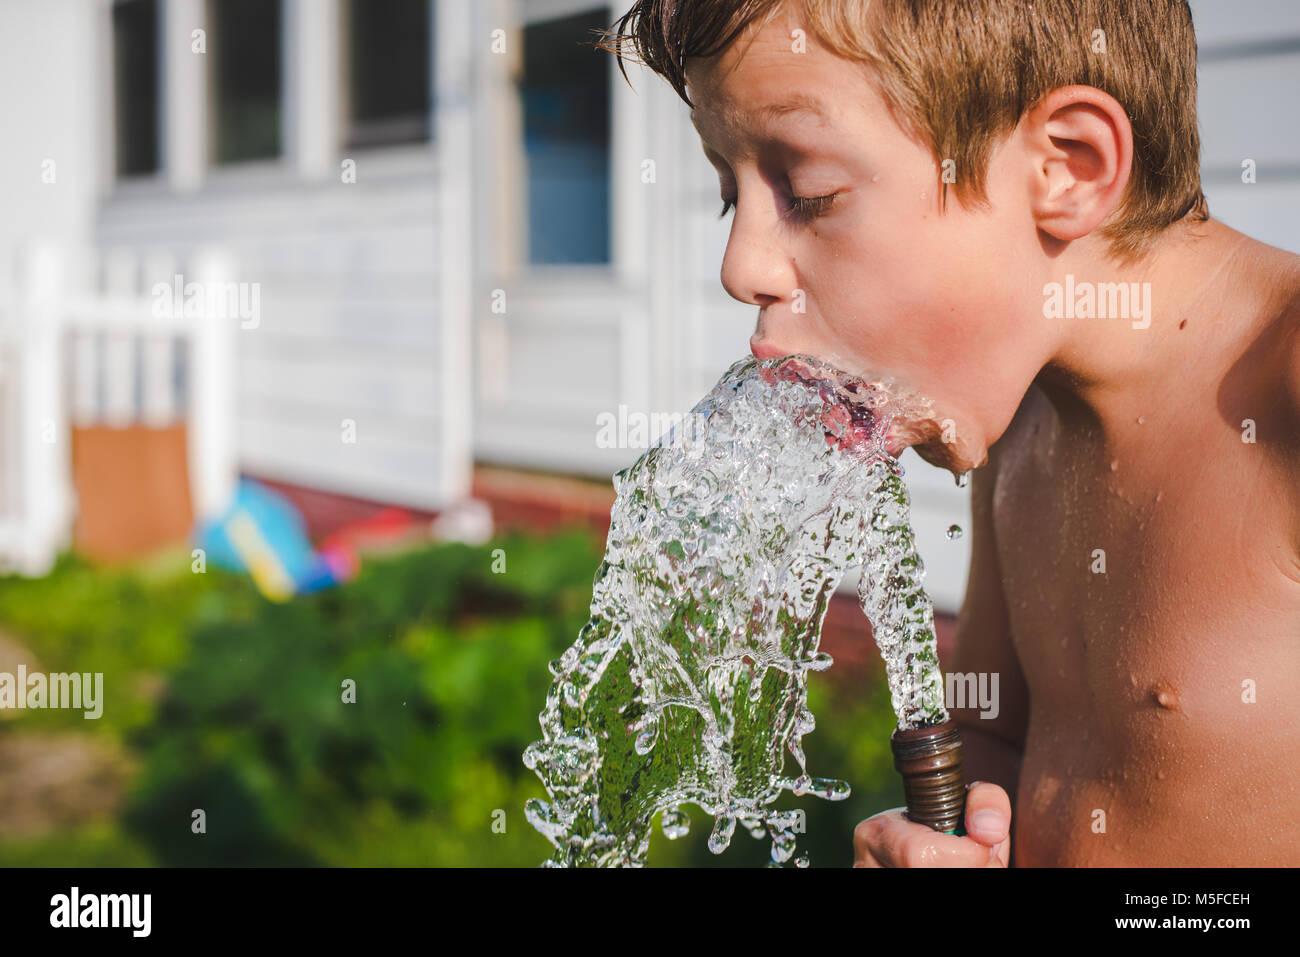 Un niño de 10 años bebe agua de una manguera de agua en un día soleado de verano Imagen De Stock